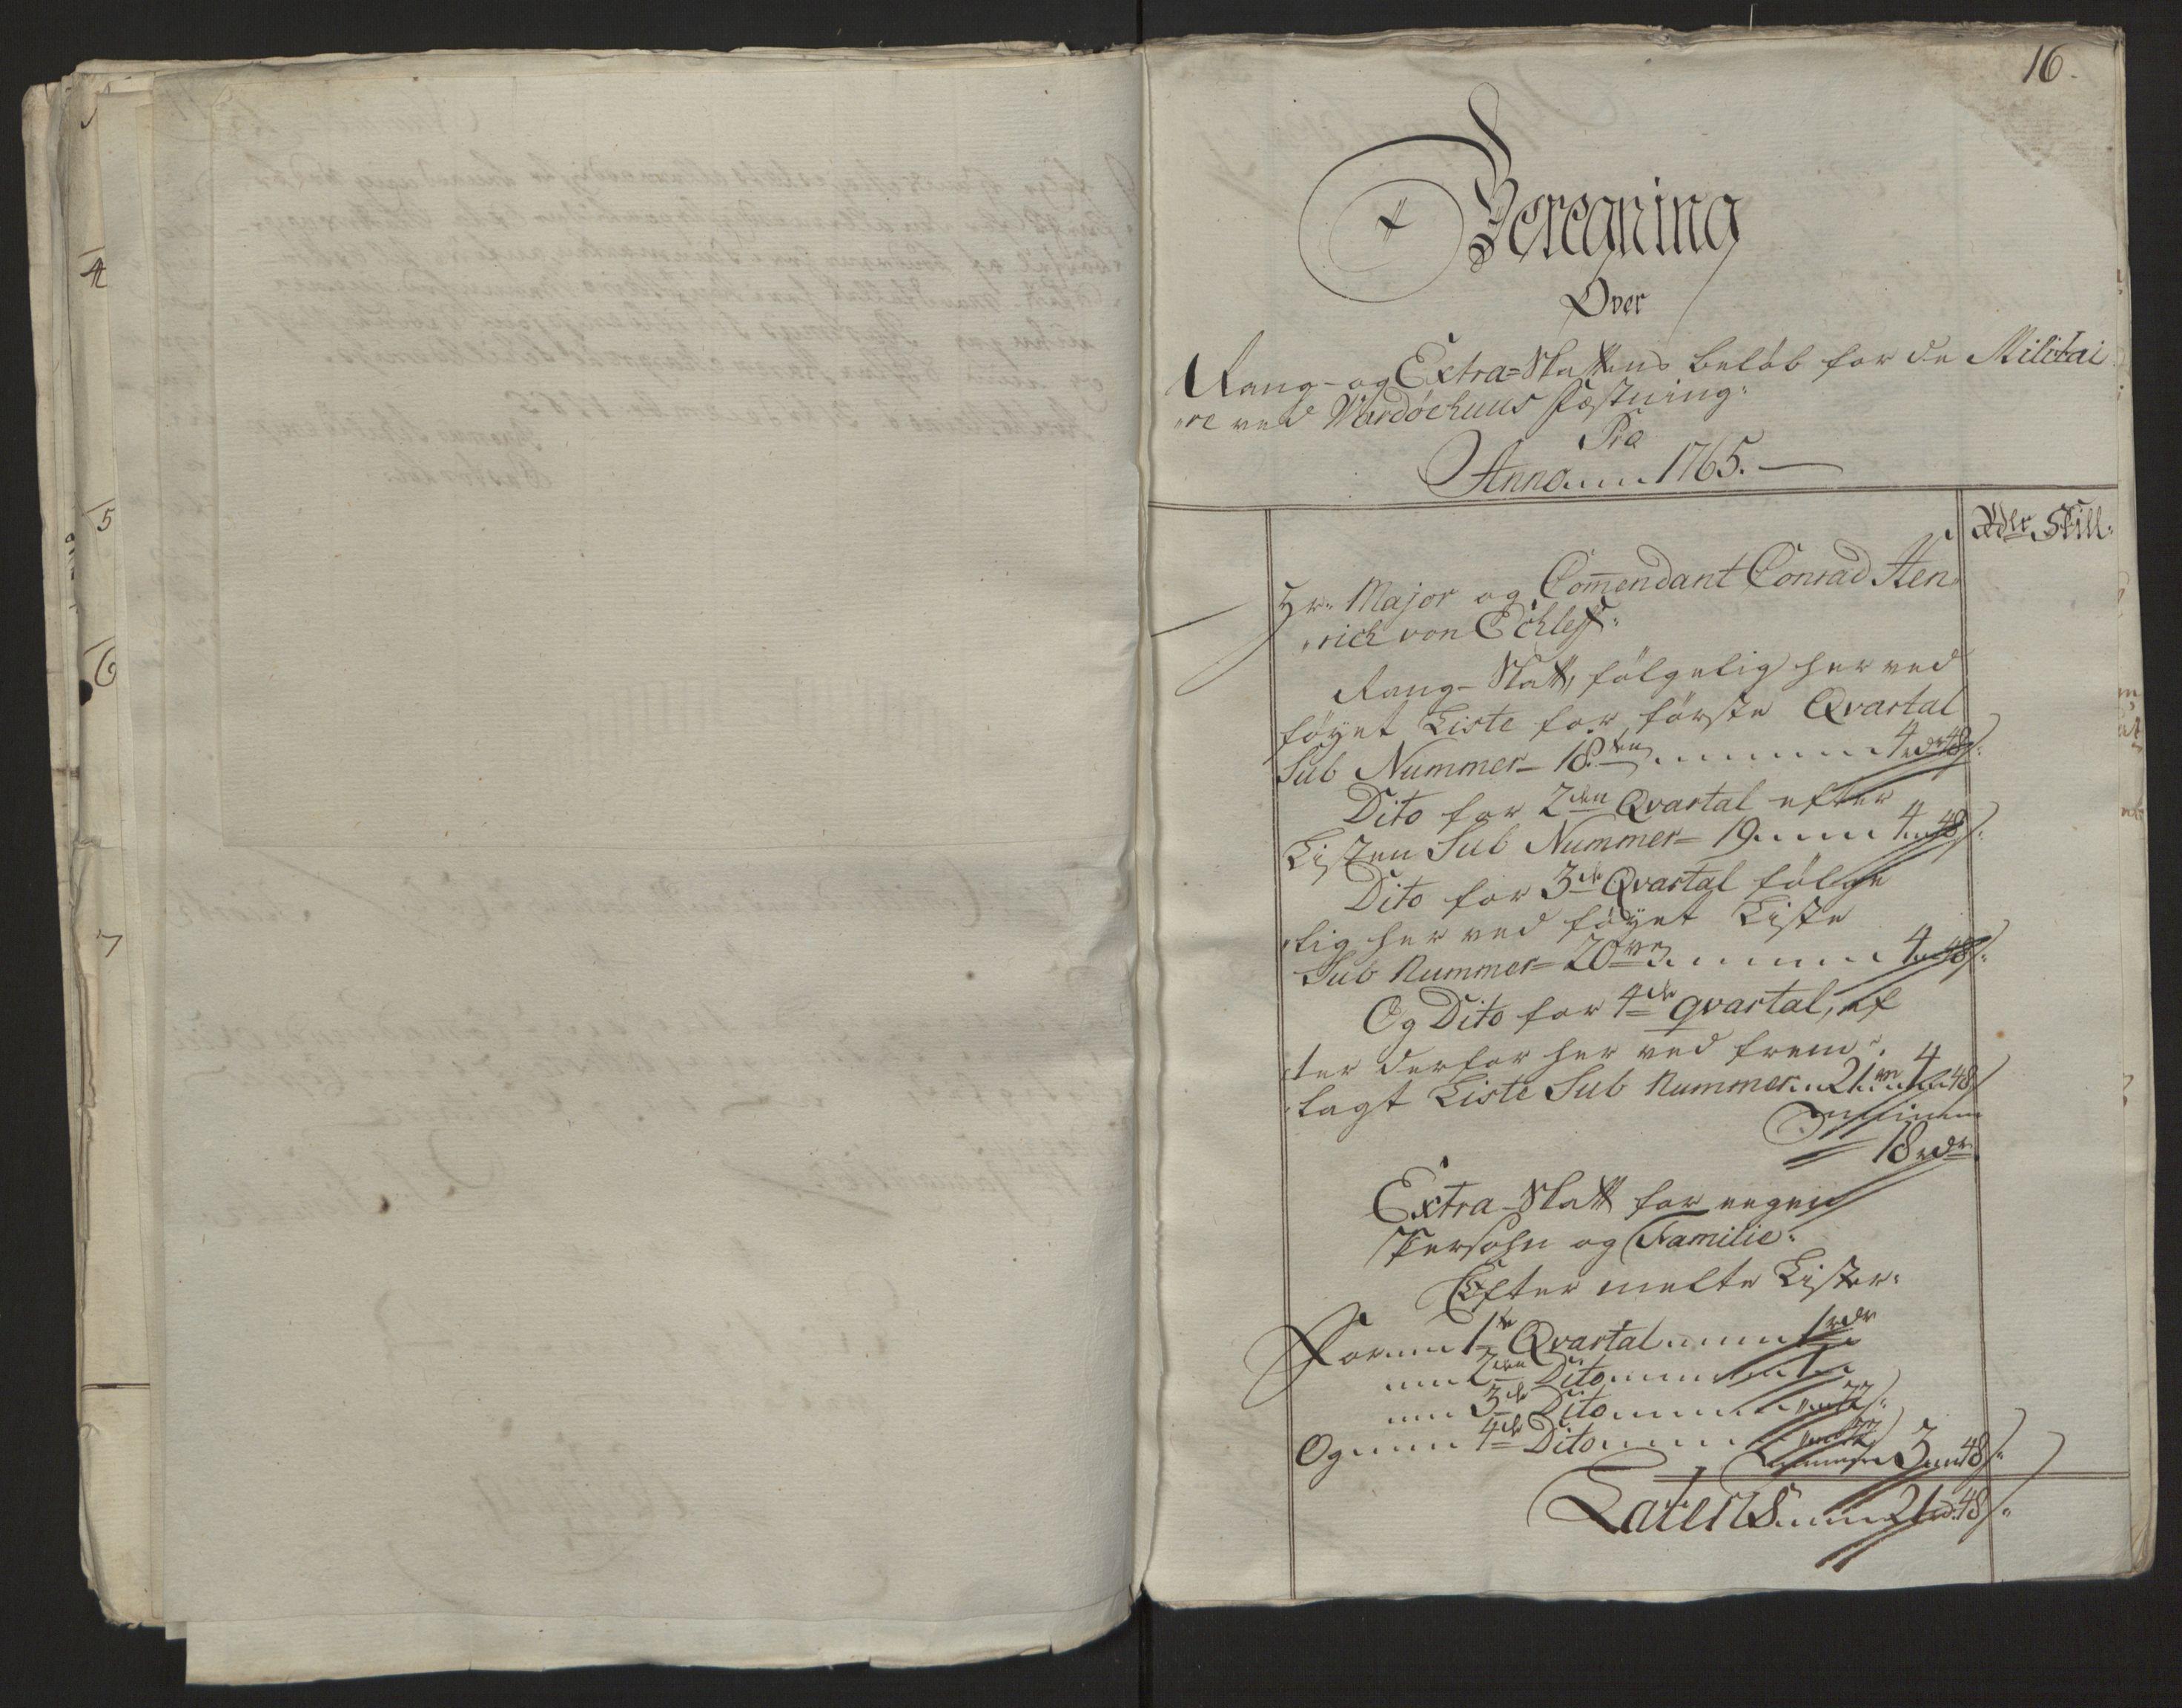 RA, Rentekammeret inntil 1814, Reviderte regnskaper, Fogderegnskap, R69/L4910: Ekstraskatten  Finnmark/Vardøhus, 1762-1772, s. 158